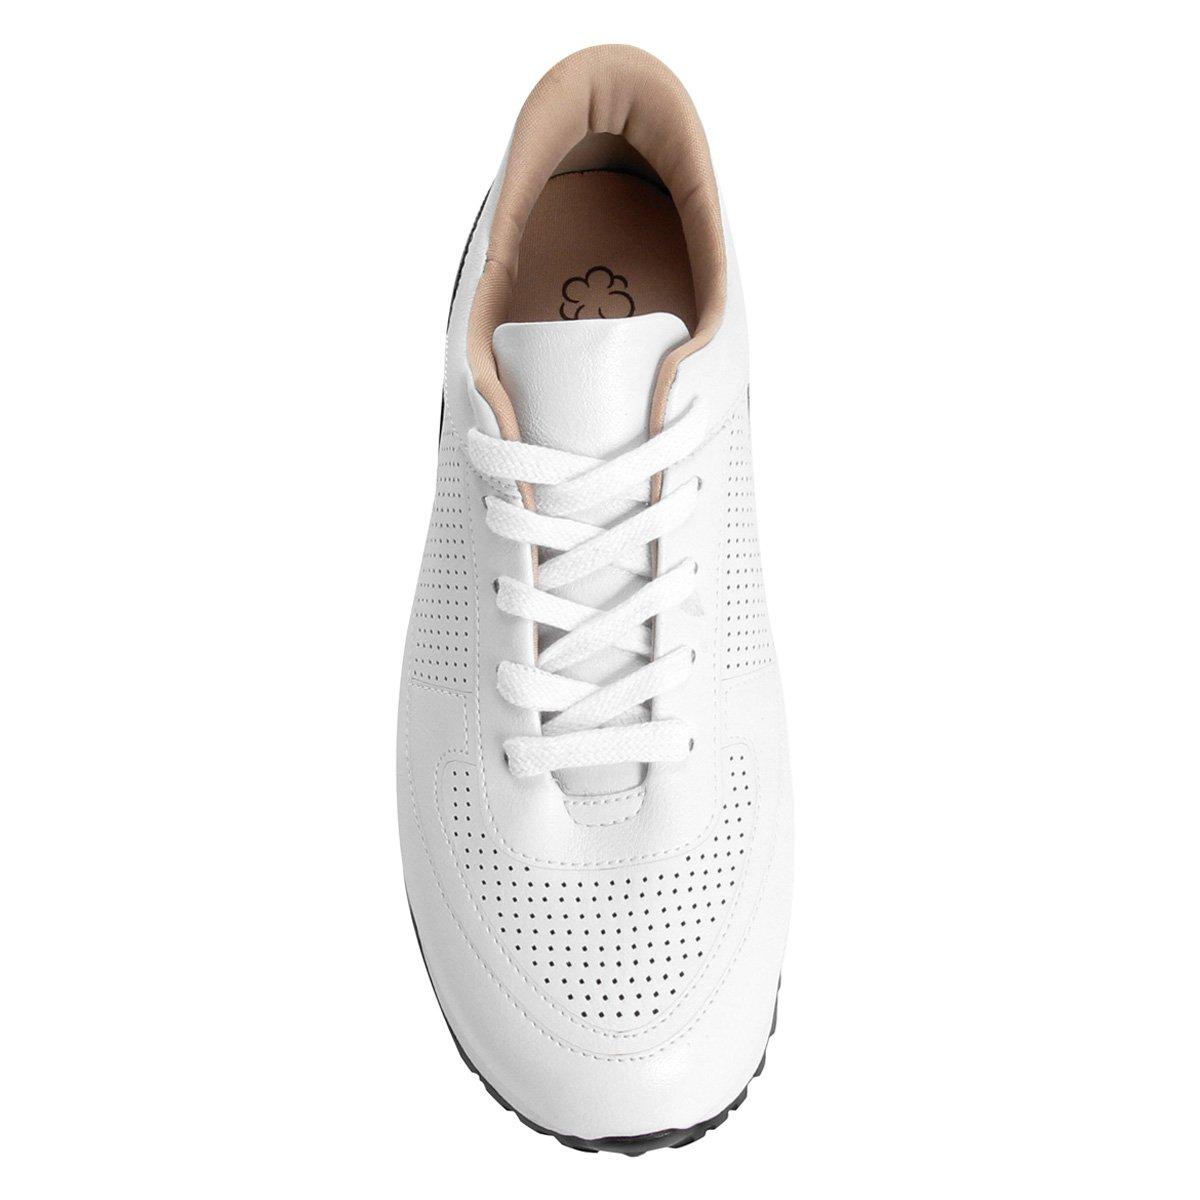 Branco Bebecê Jogging Bebecê Branco Tênis Jogging Bebecê Feminino Tênis Feminino Tênis 6IxU6qvw